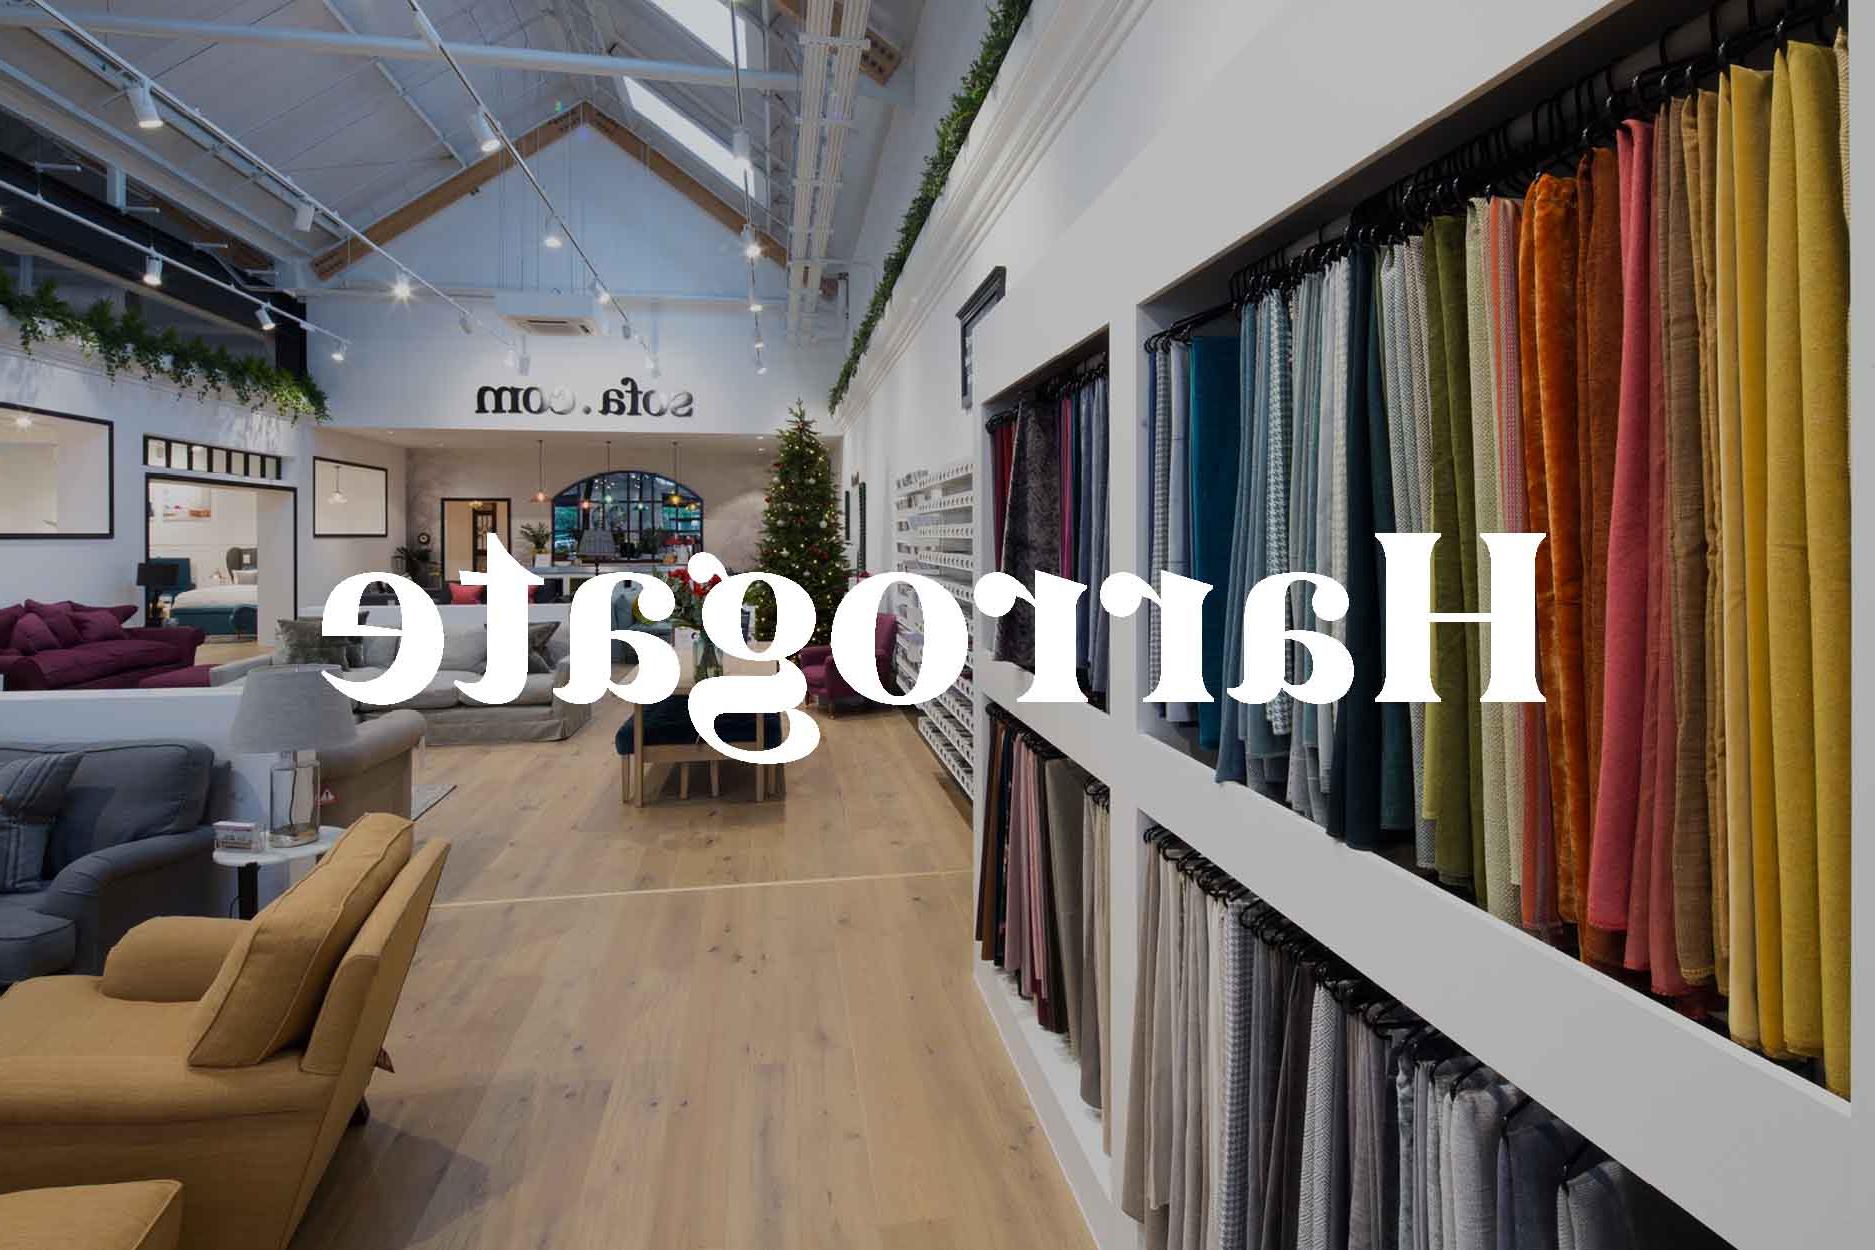 Sofa Com S5d8 Showrooms sofa